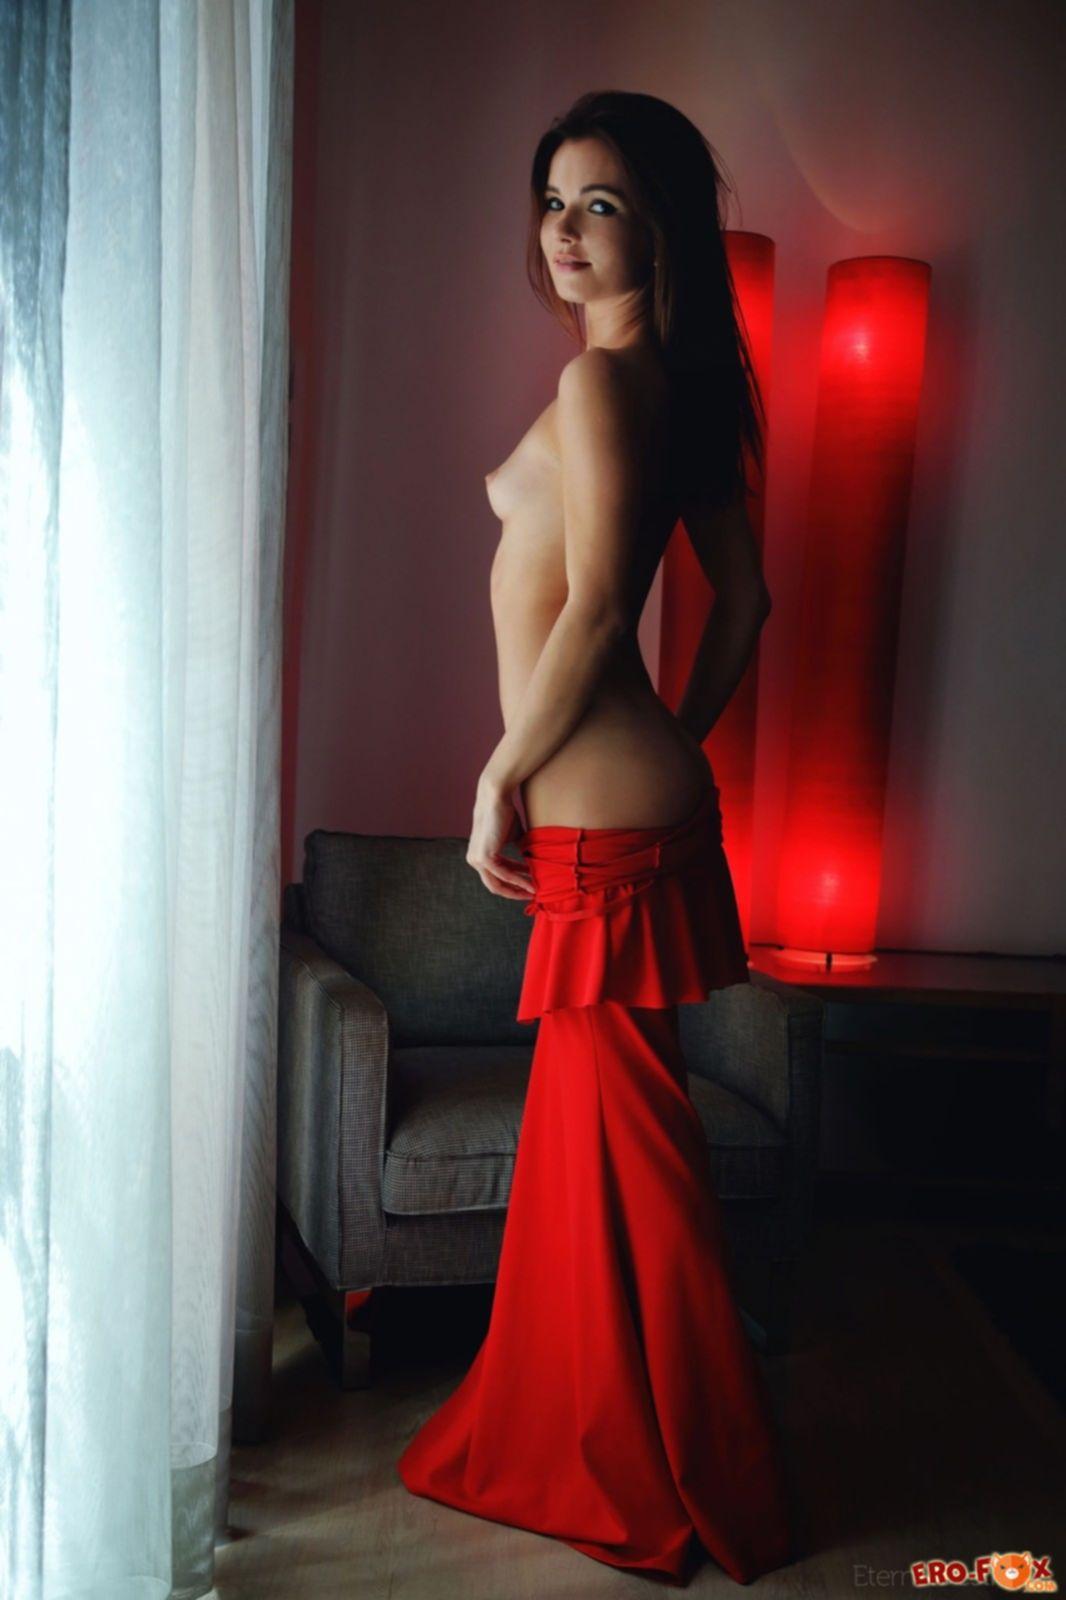 Брюнетка скидывает длинное платье и позирует в кресле - фото